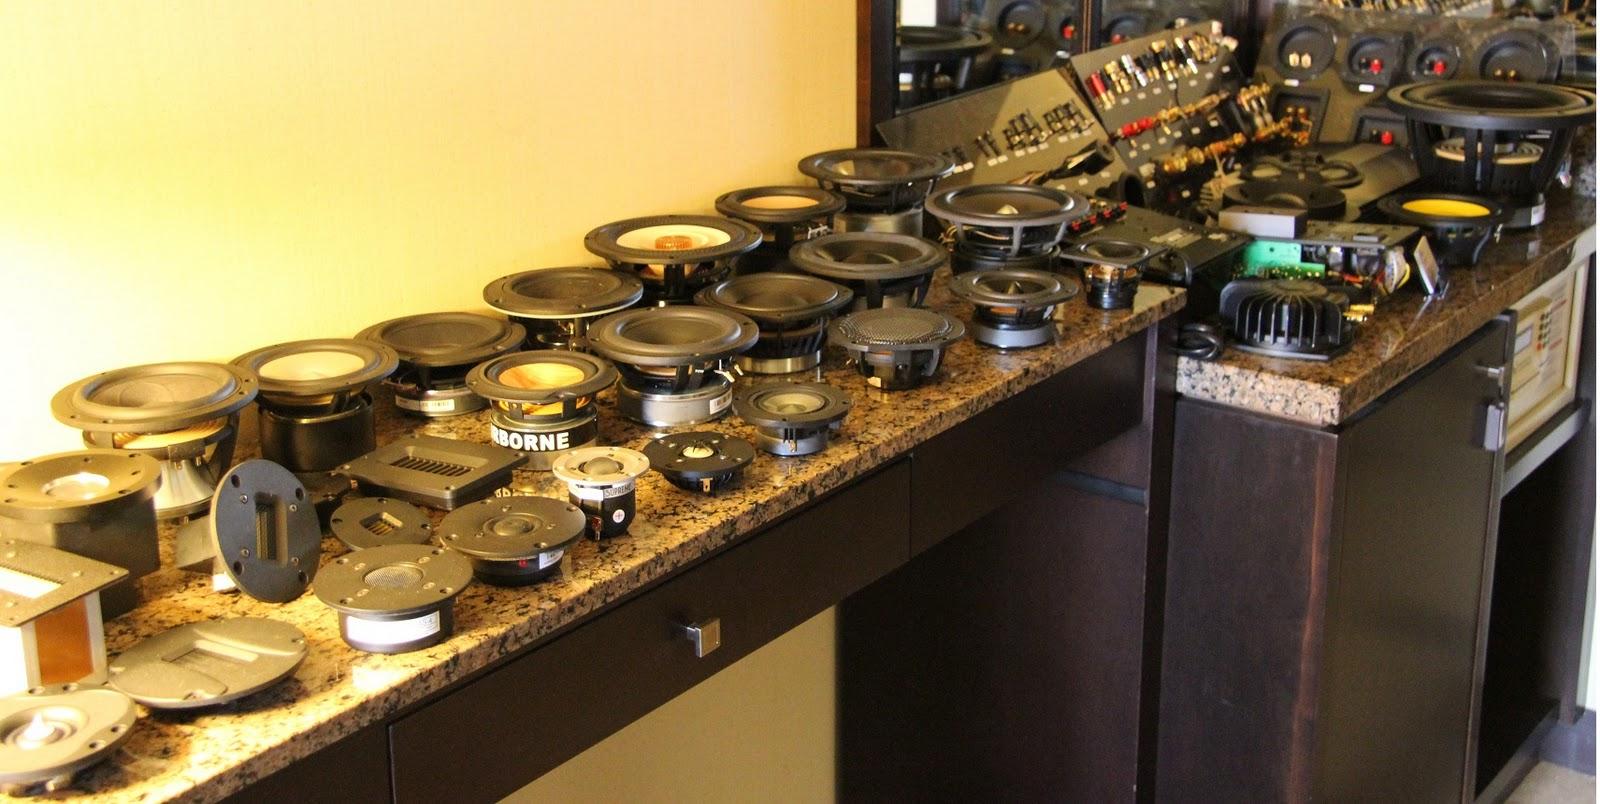 Fotos varias de fierros - Página 42 Speaker-Drivers-DIY-Parts